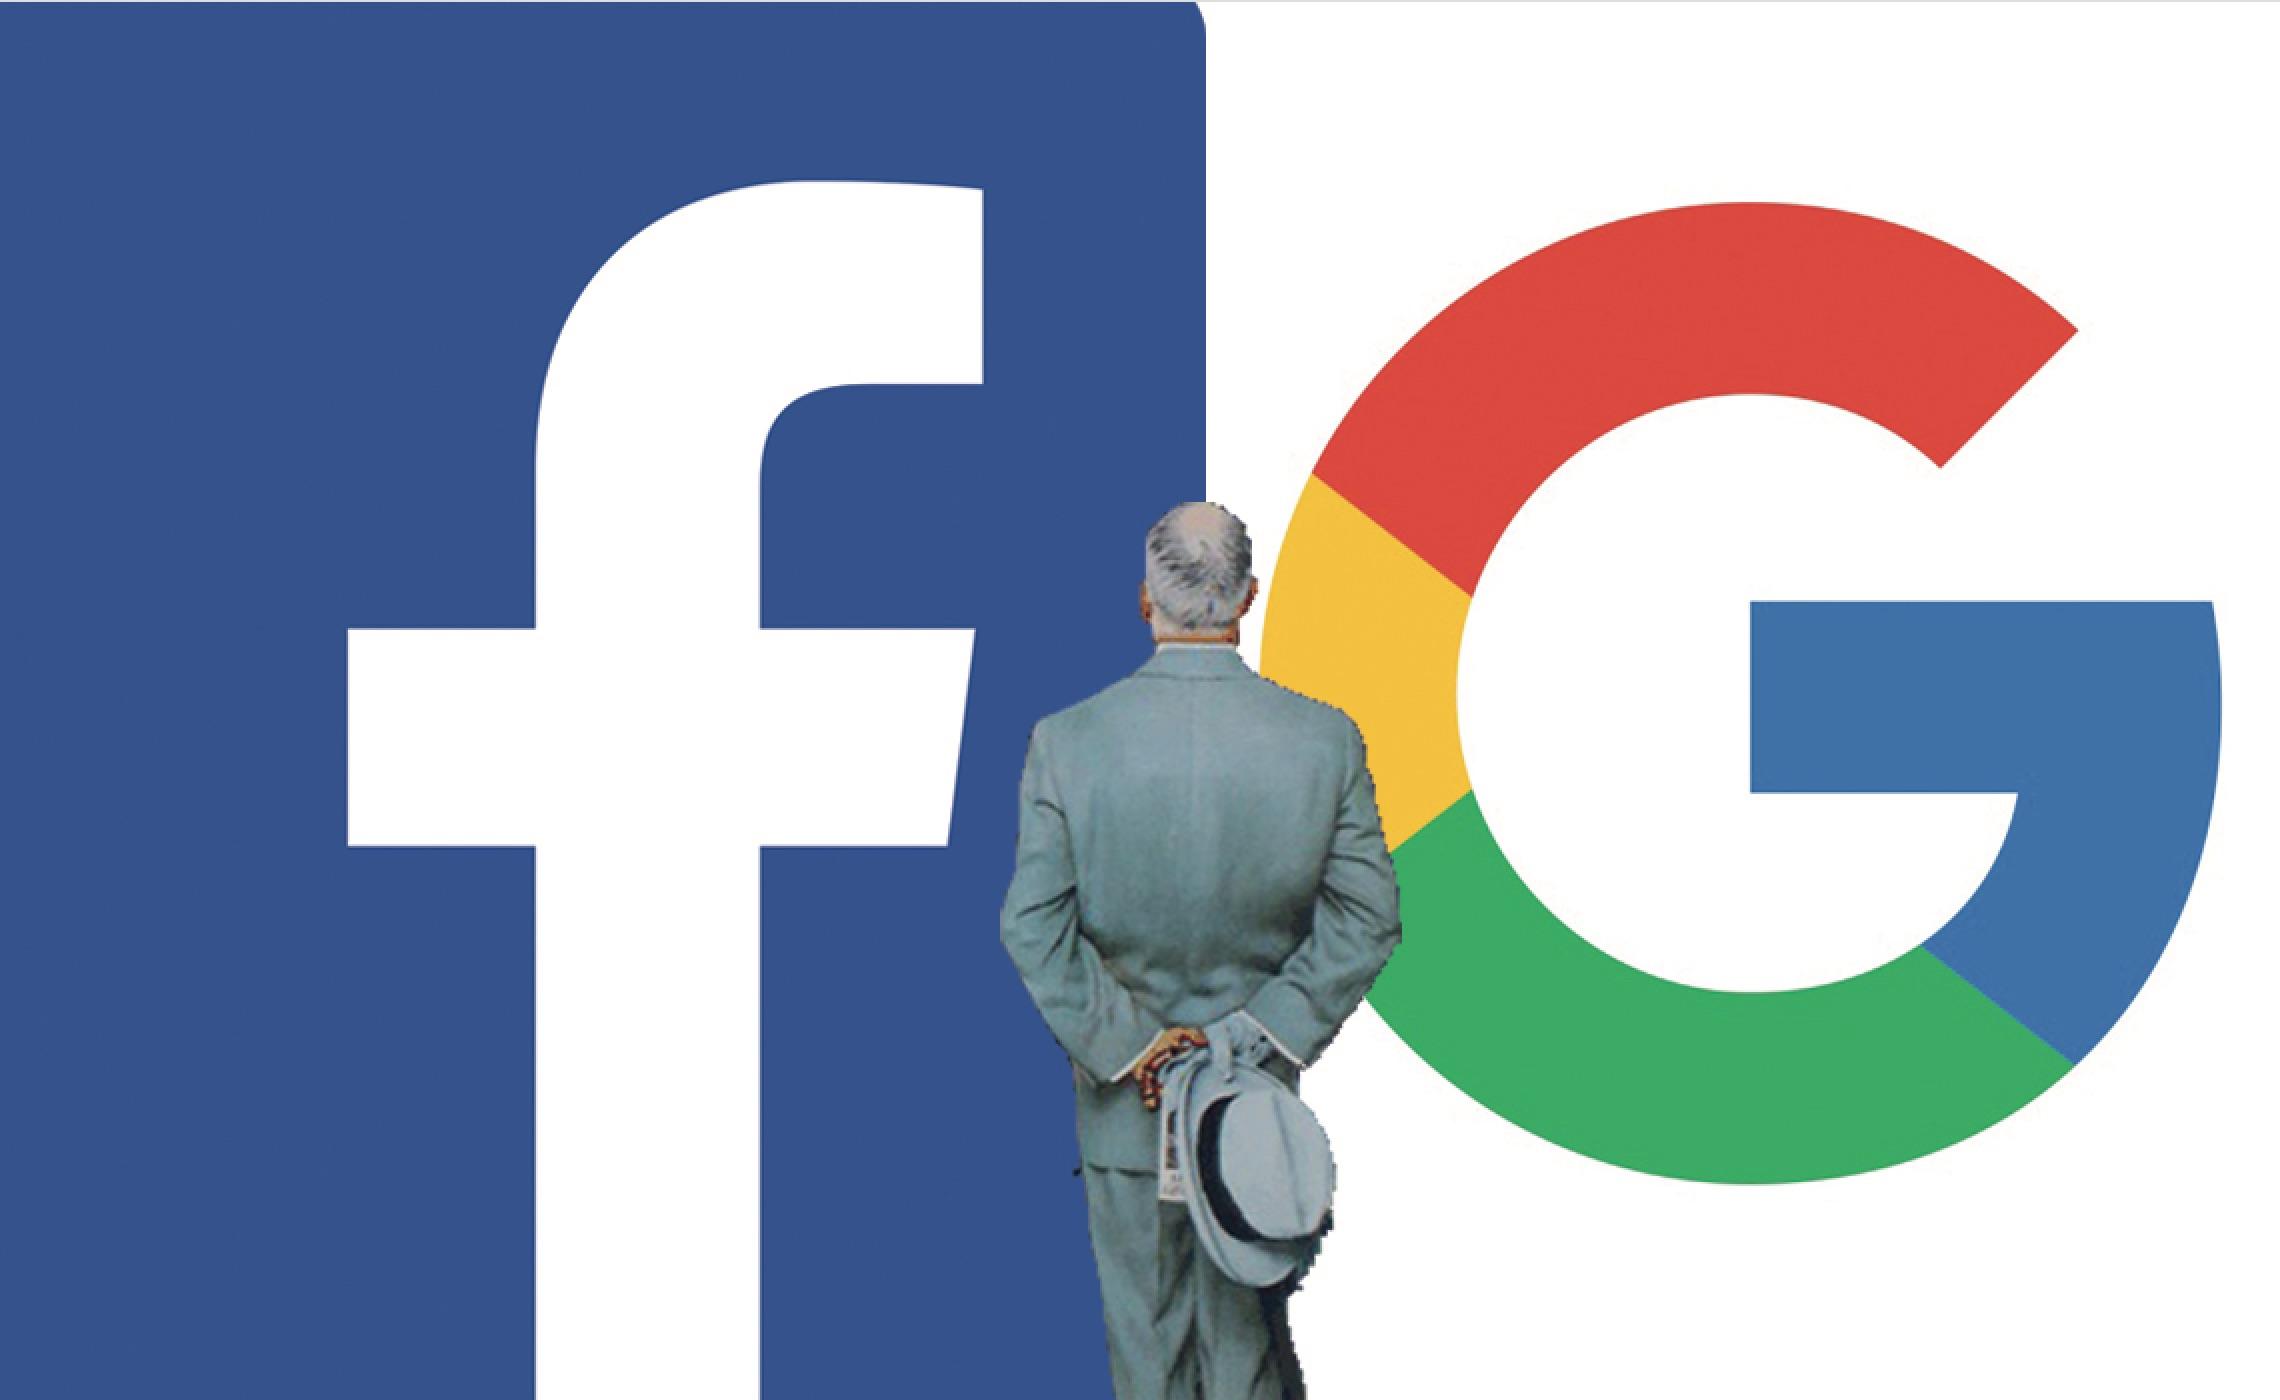 Facebook та Google знищують інтернет-журналістику, поглинаючи рекламні прибутки – стаття редакторки The Guardian Катарін Вайнер